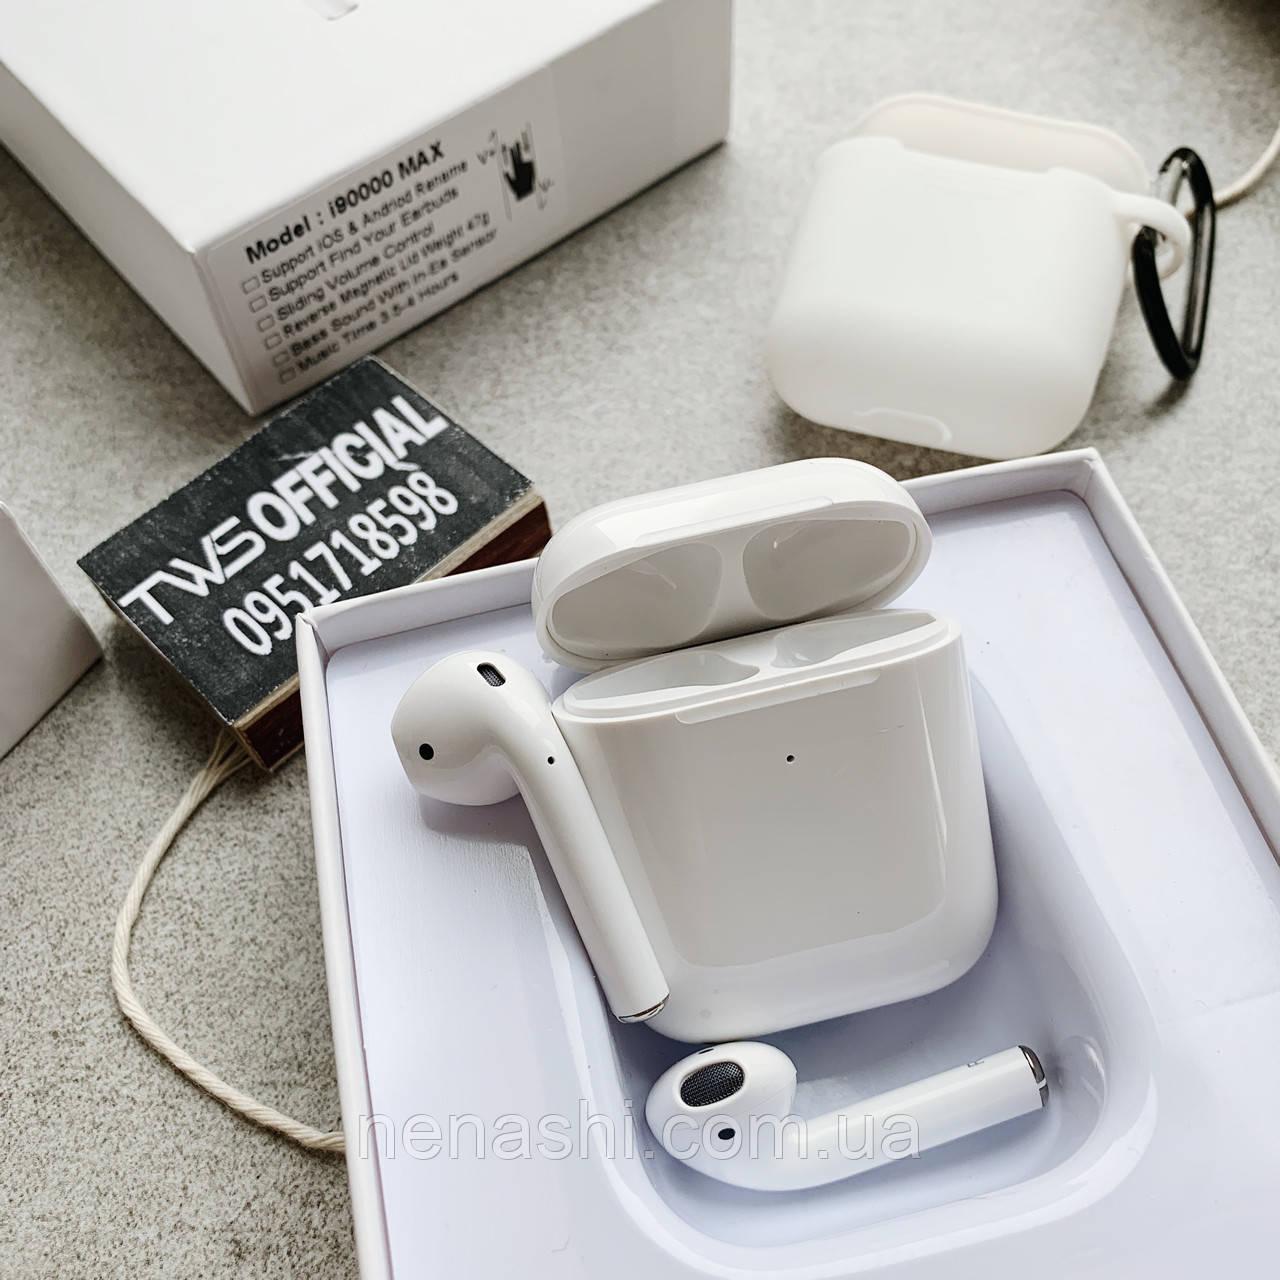 Навушники безпровідні і90000 MAX / Pro tws,1:1, білі